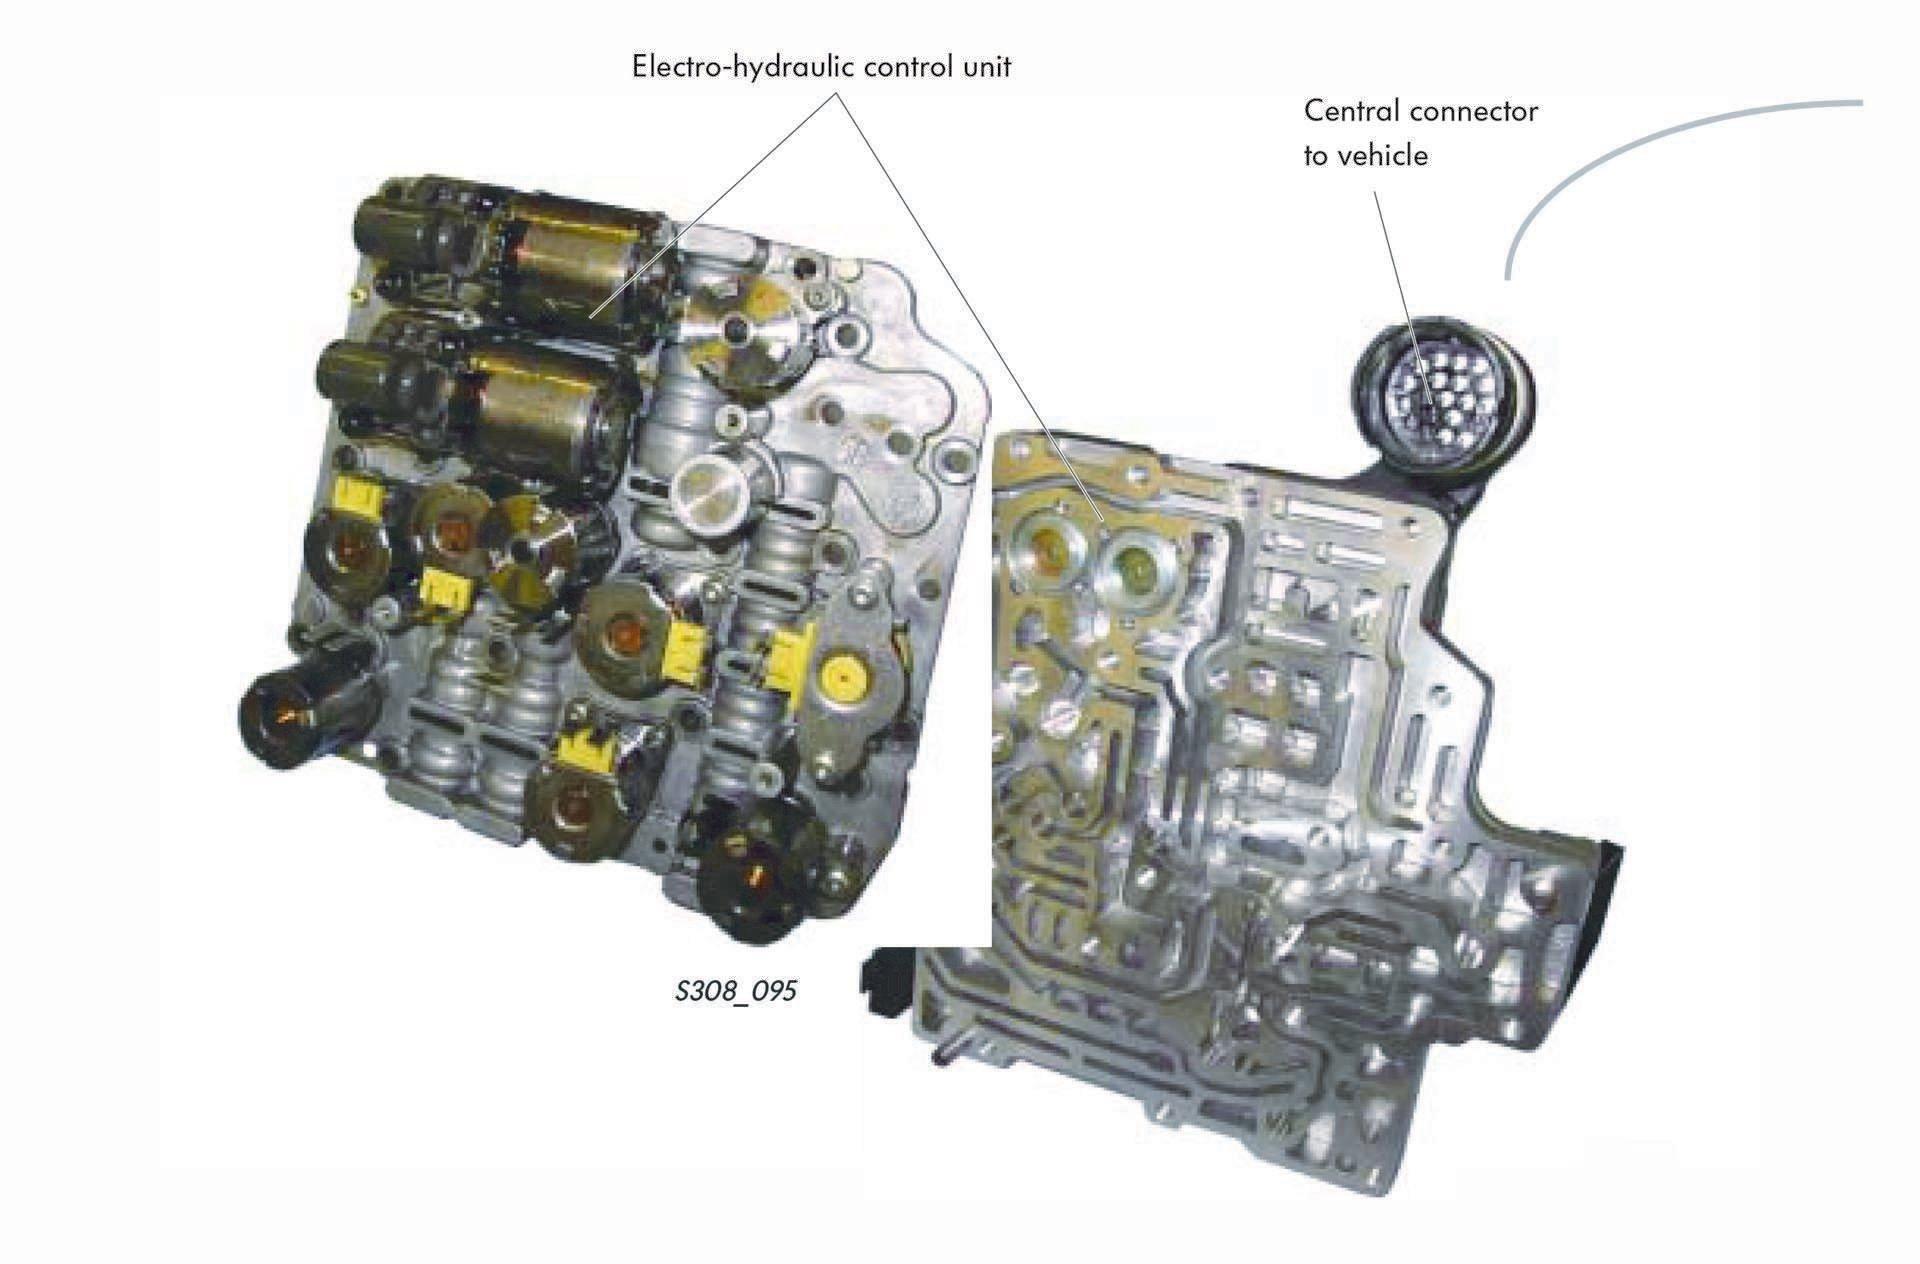 05_VW Audi DSG S Tronic Mechatronic unit